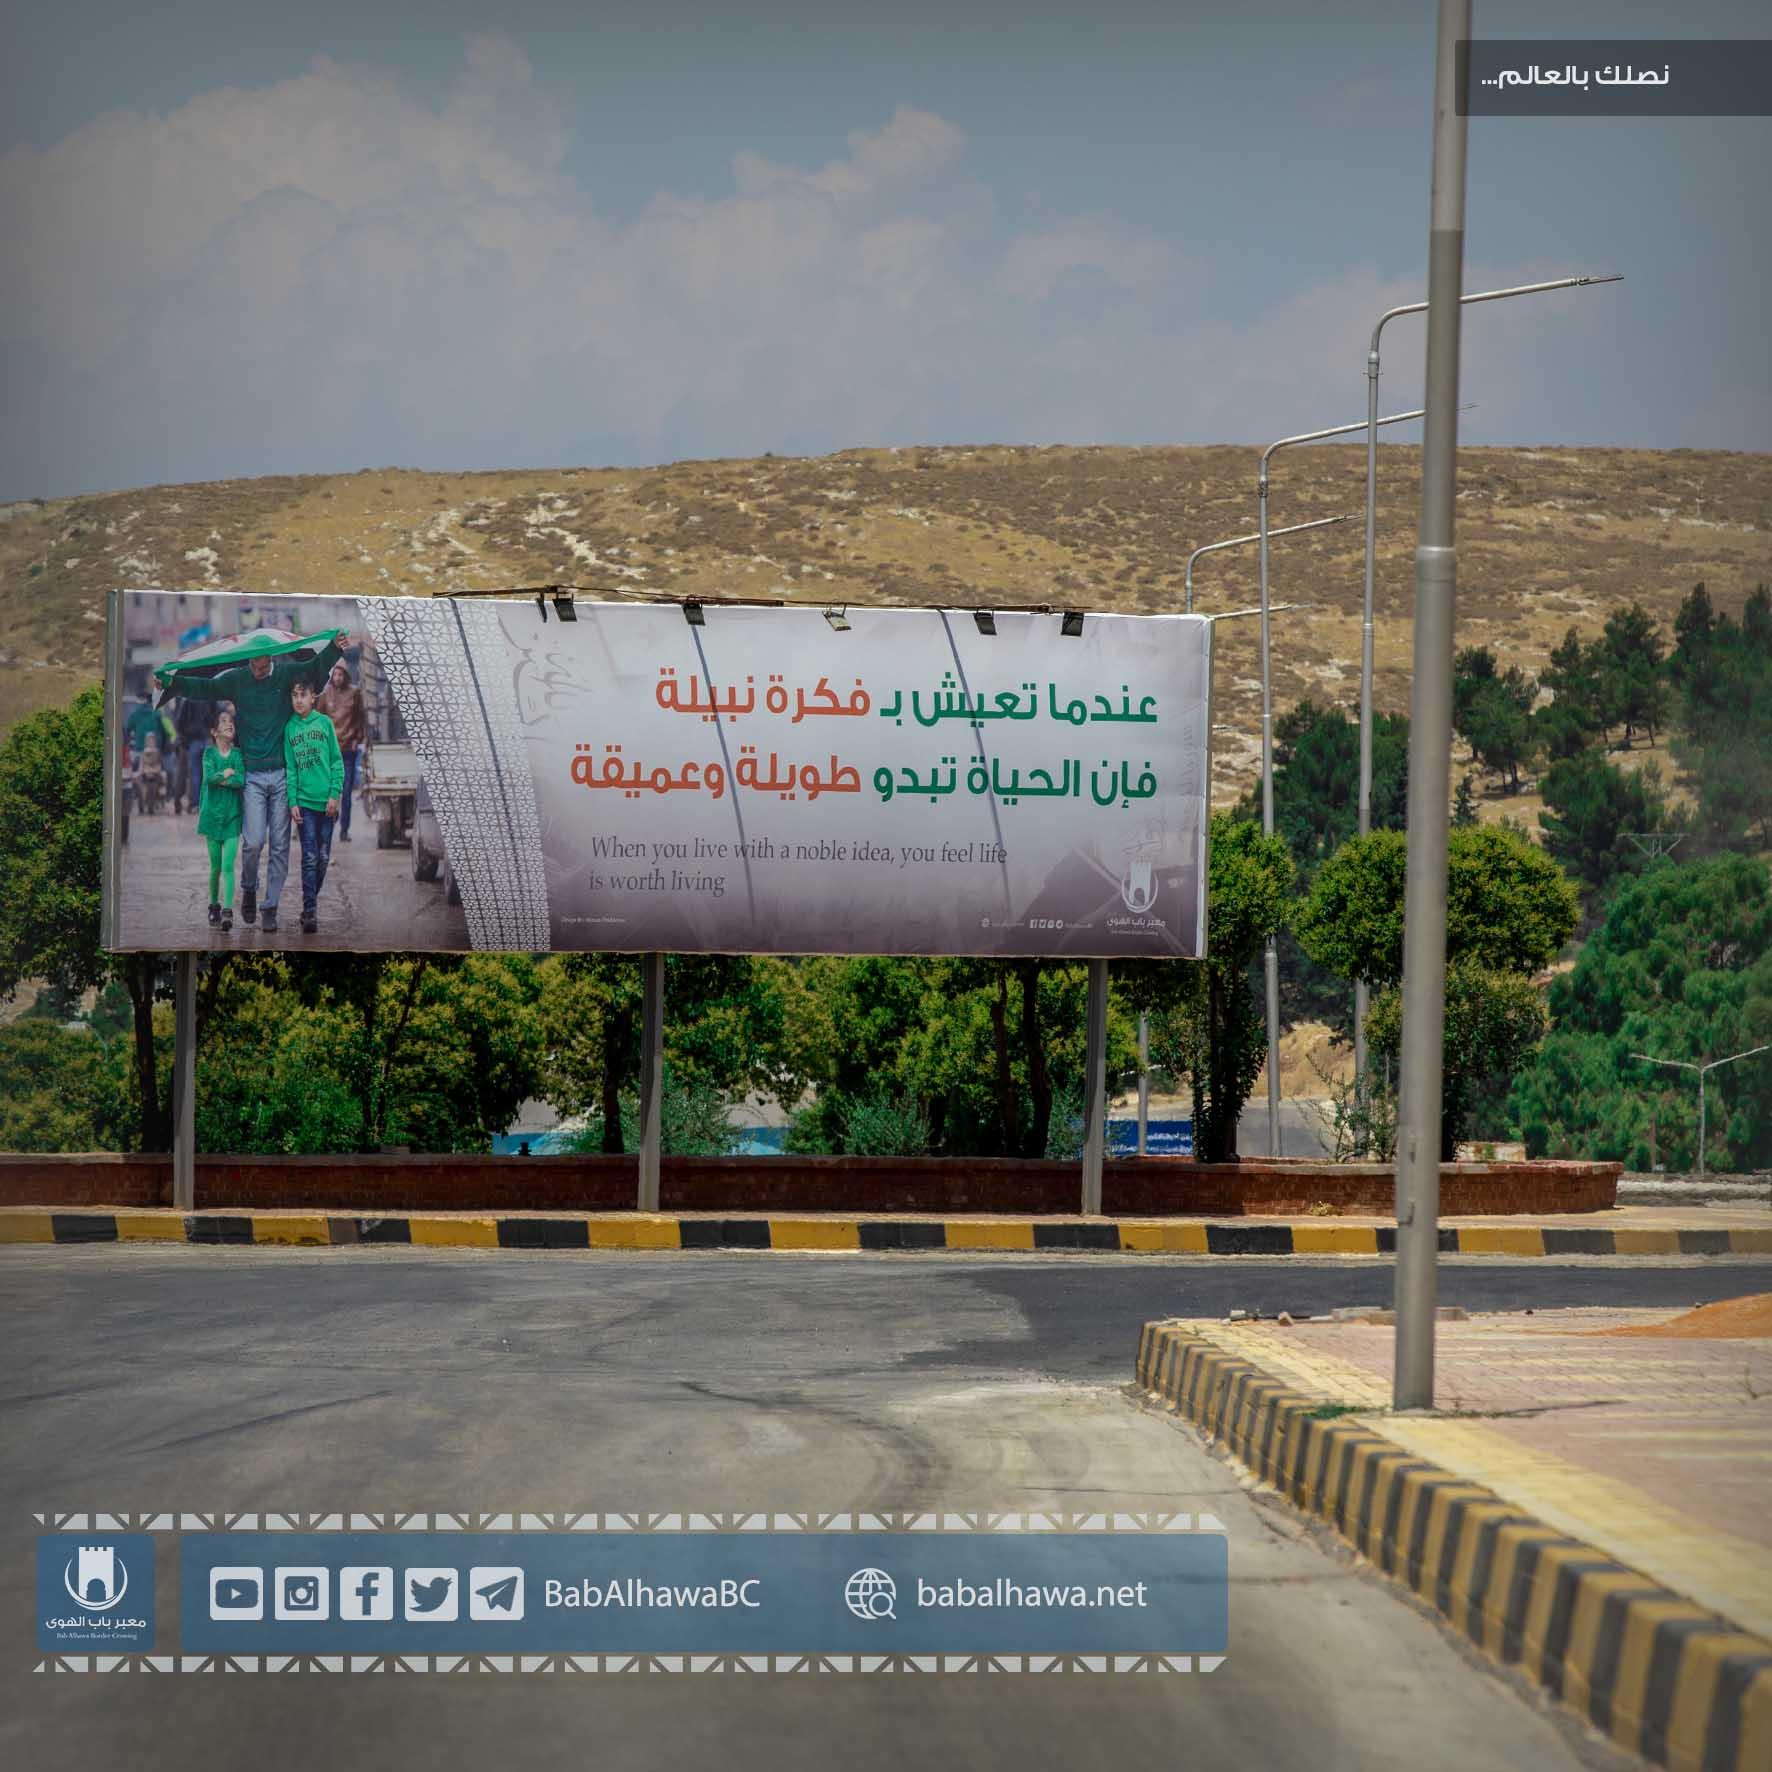 عندما تعيش بفكرة نبيلة فإن الحياة تبدو طويلة وعميقة - باب الهوى سوريا